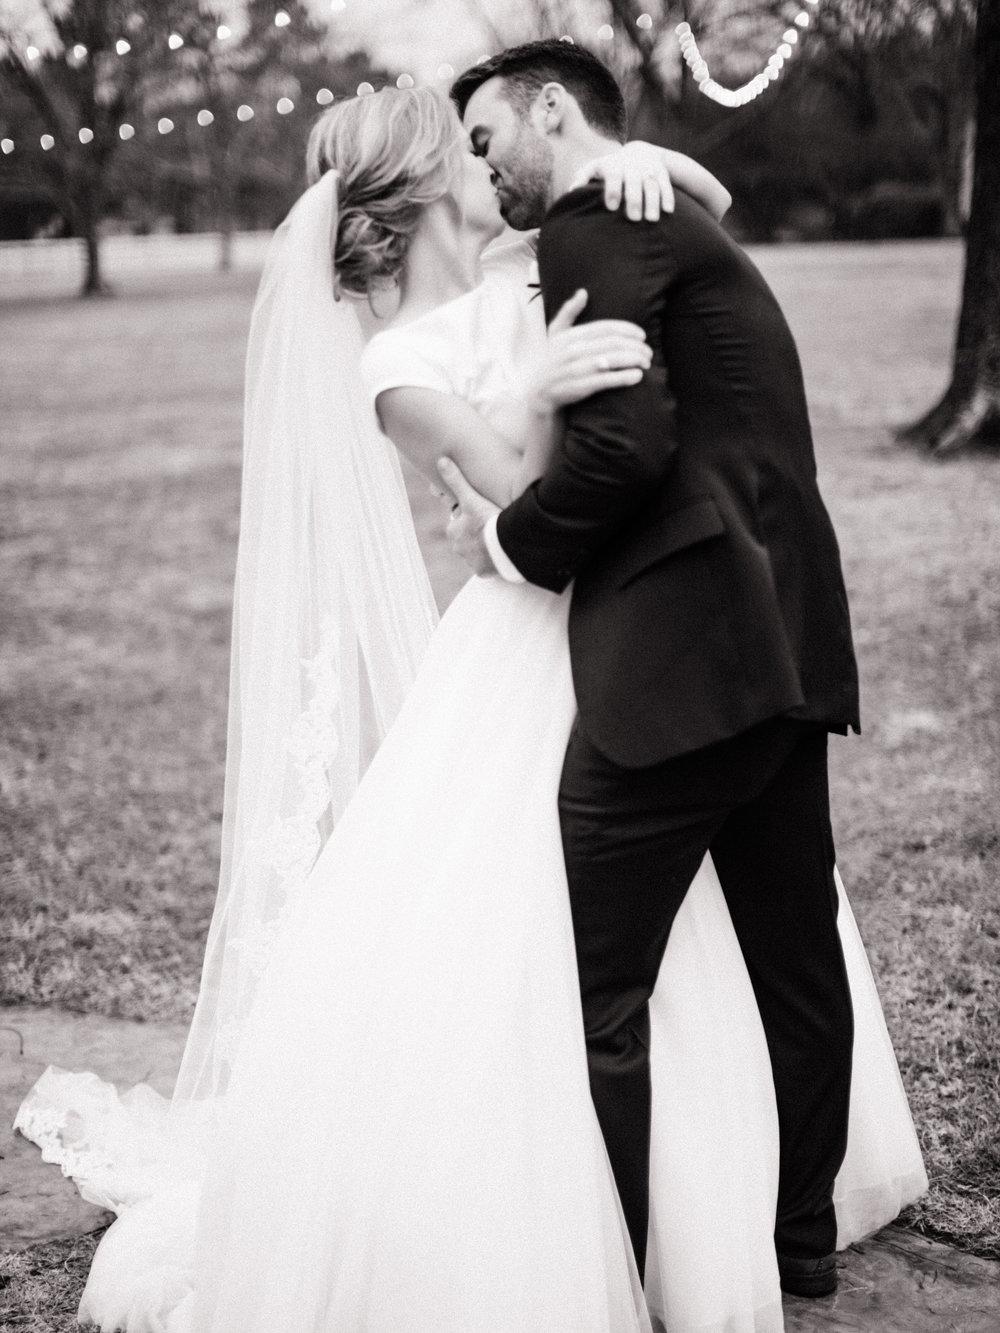 Drizzily Wedding Day